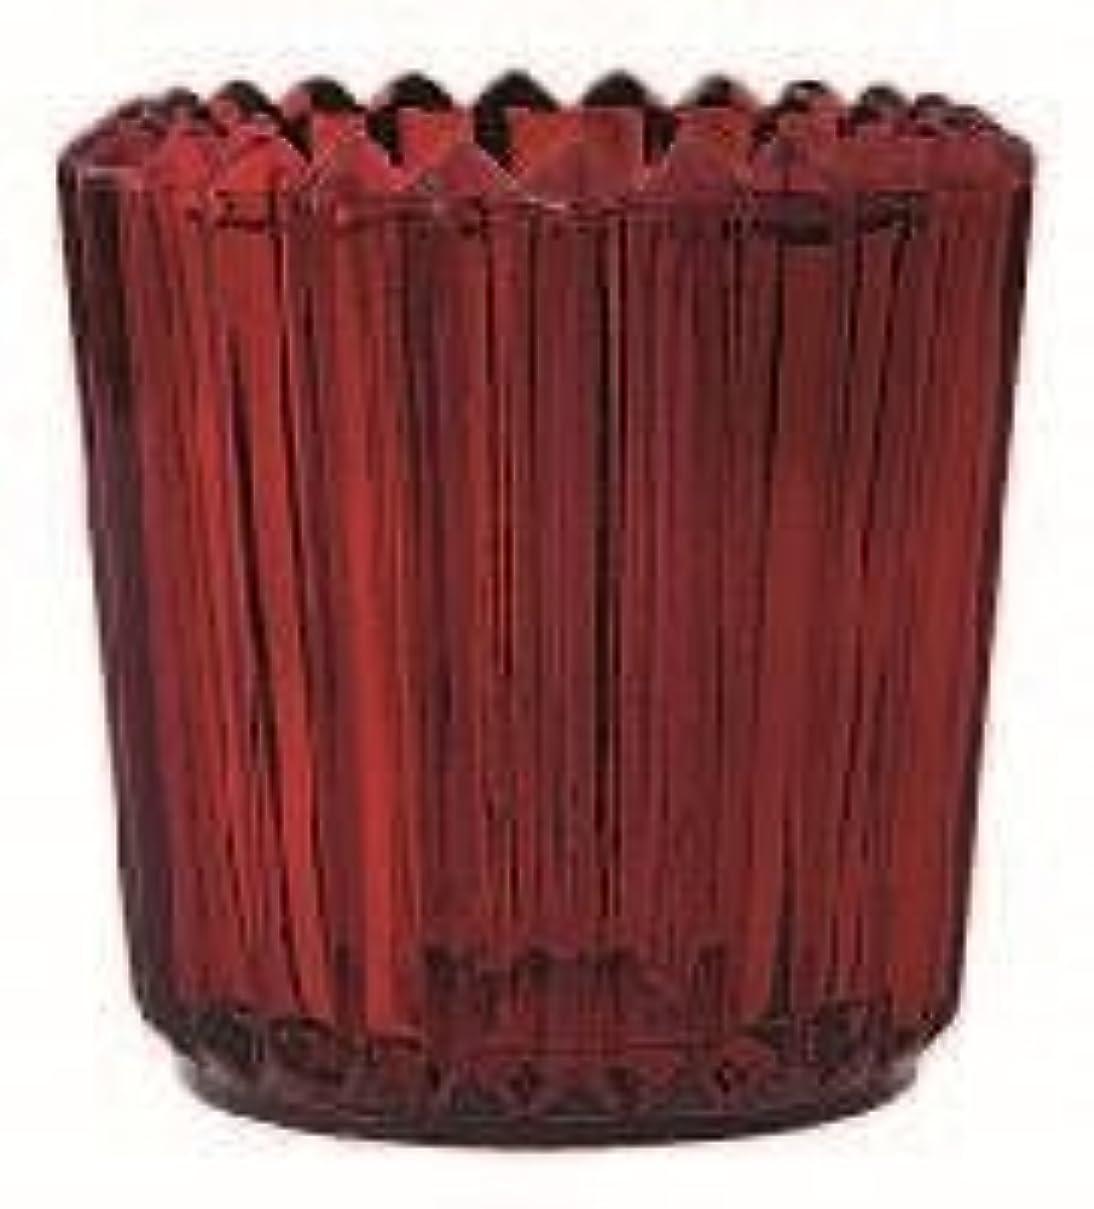 チロインセンティブ軽蔑するカメヤマキャンドル(kameyama candle) ソレイユ 「 レッド 」